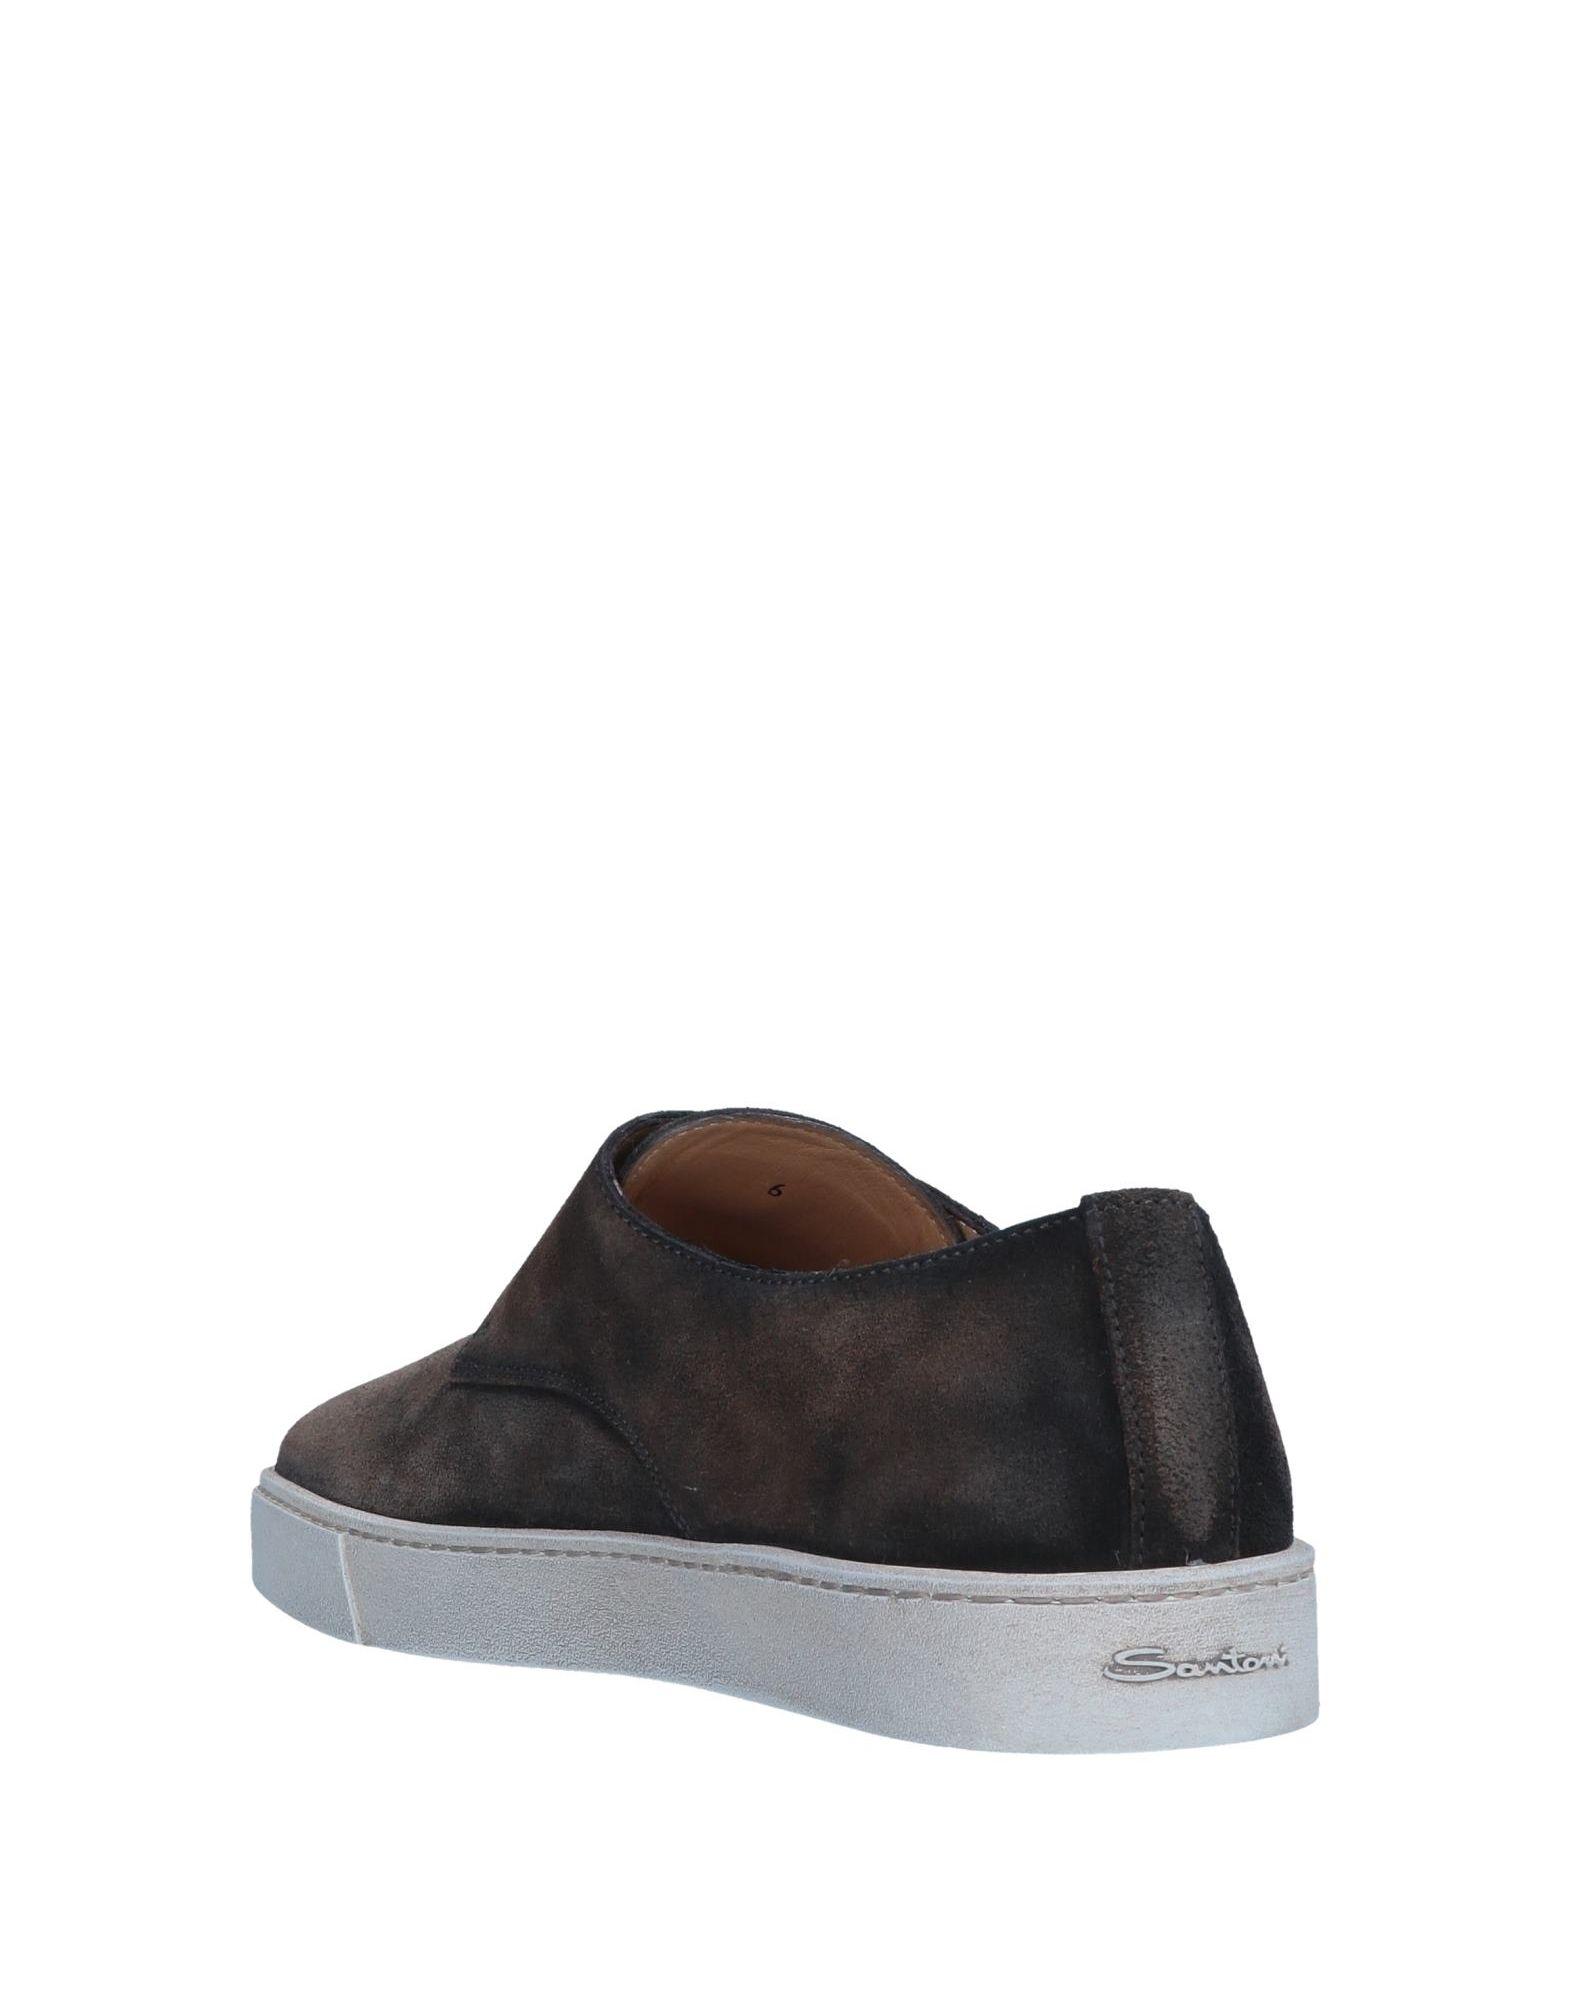 Santoni Mokassins Herren beliebte  11542596QM Gute Qualität beliebte Herren Schuhe 025f52